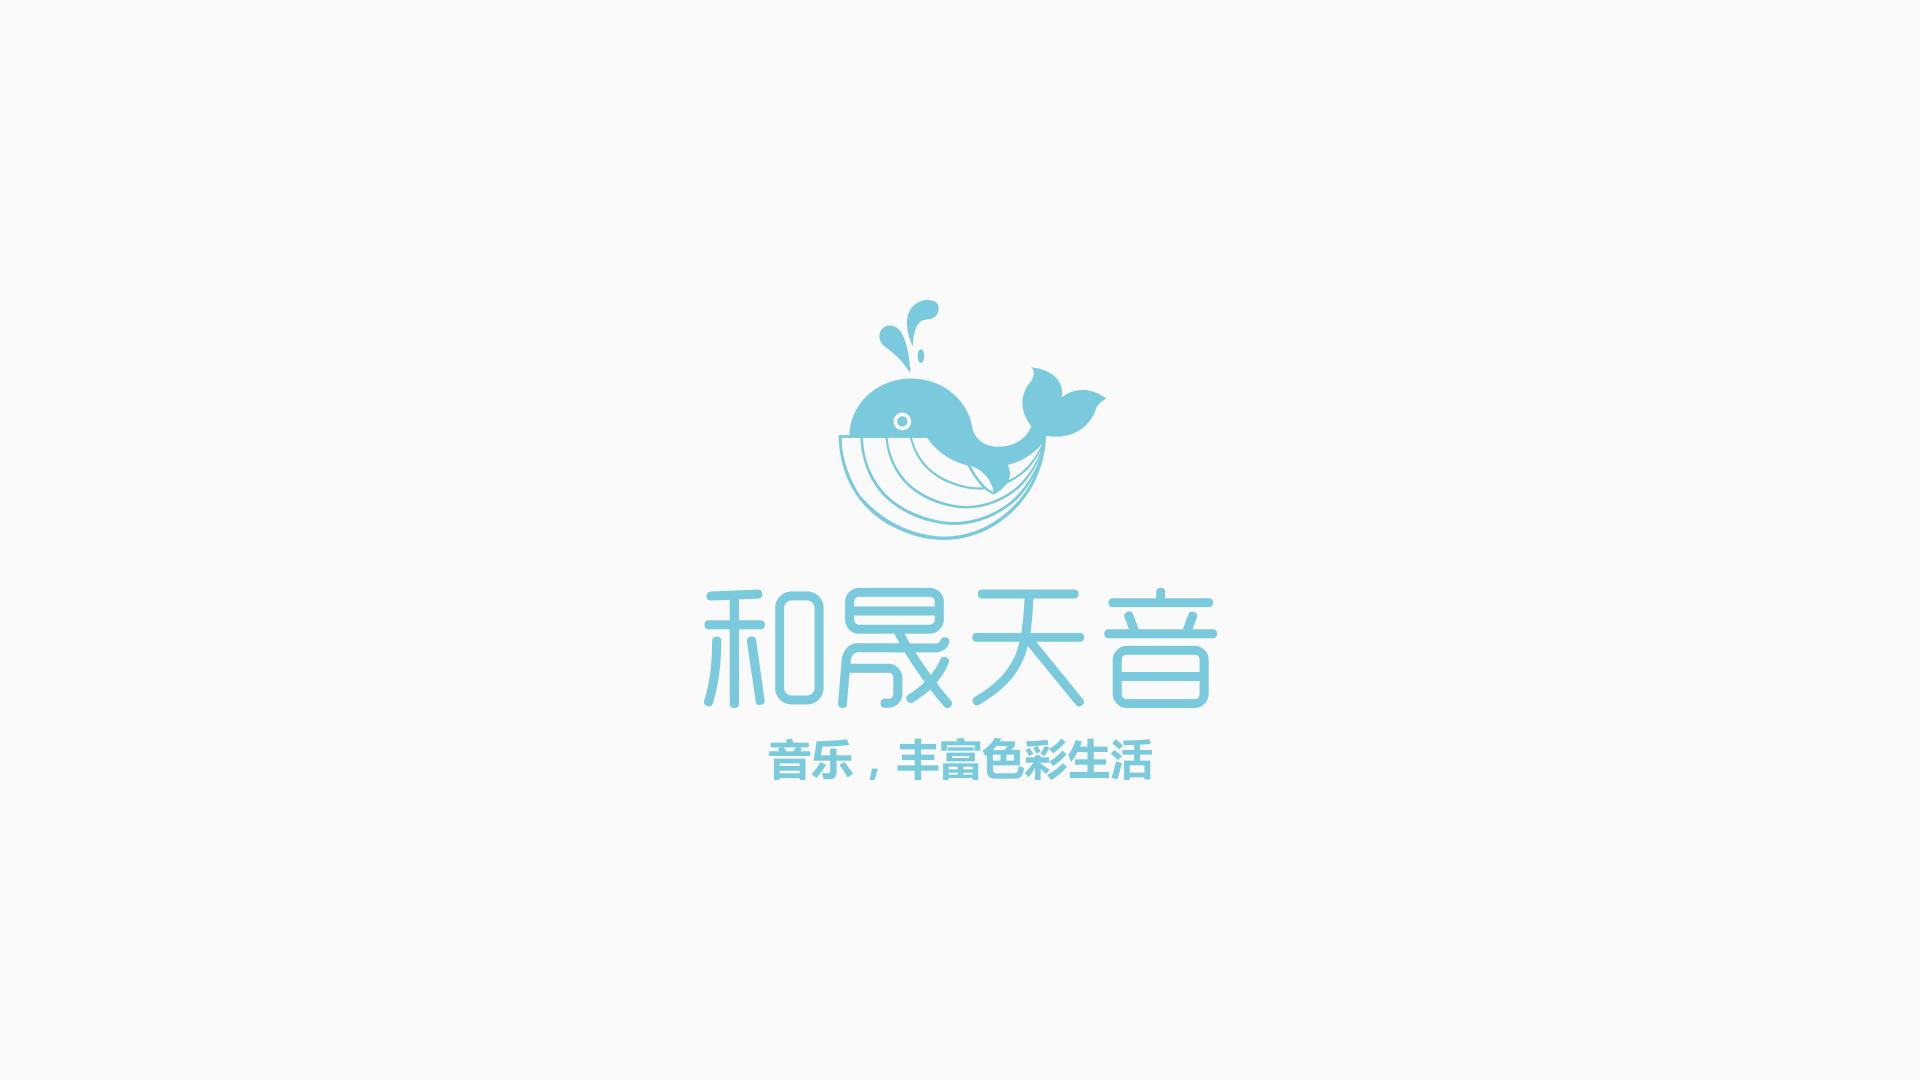 和晟天音-01.jpg